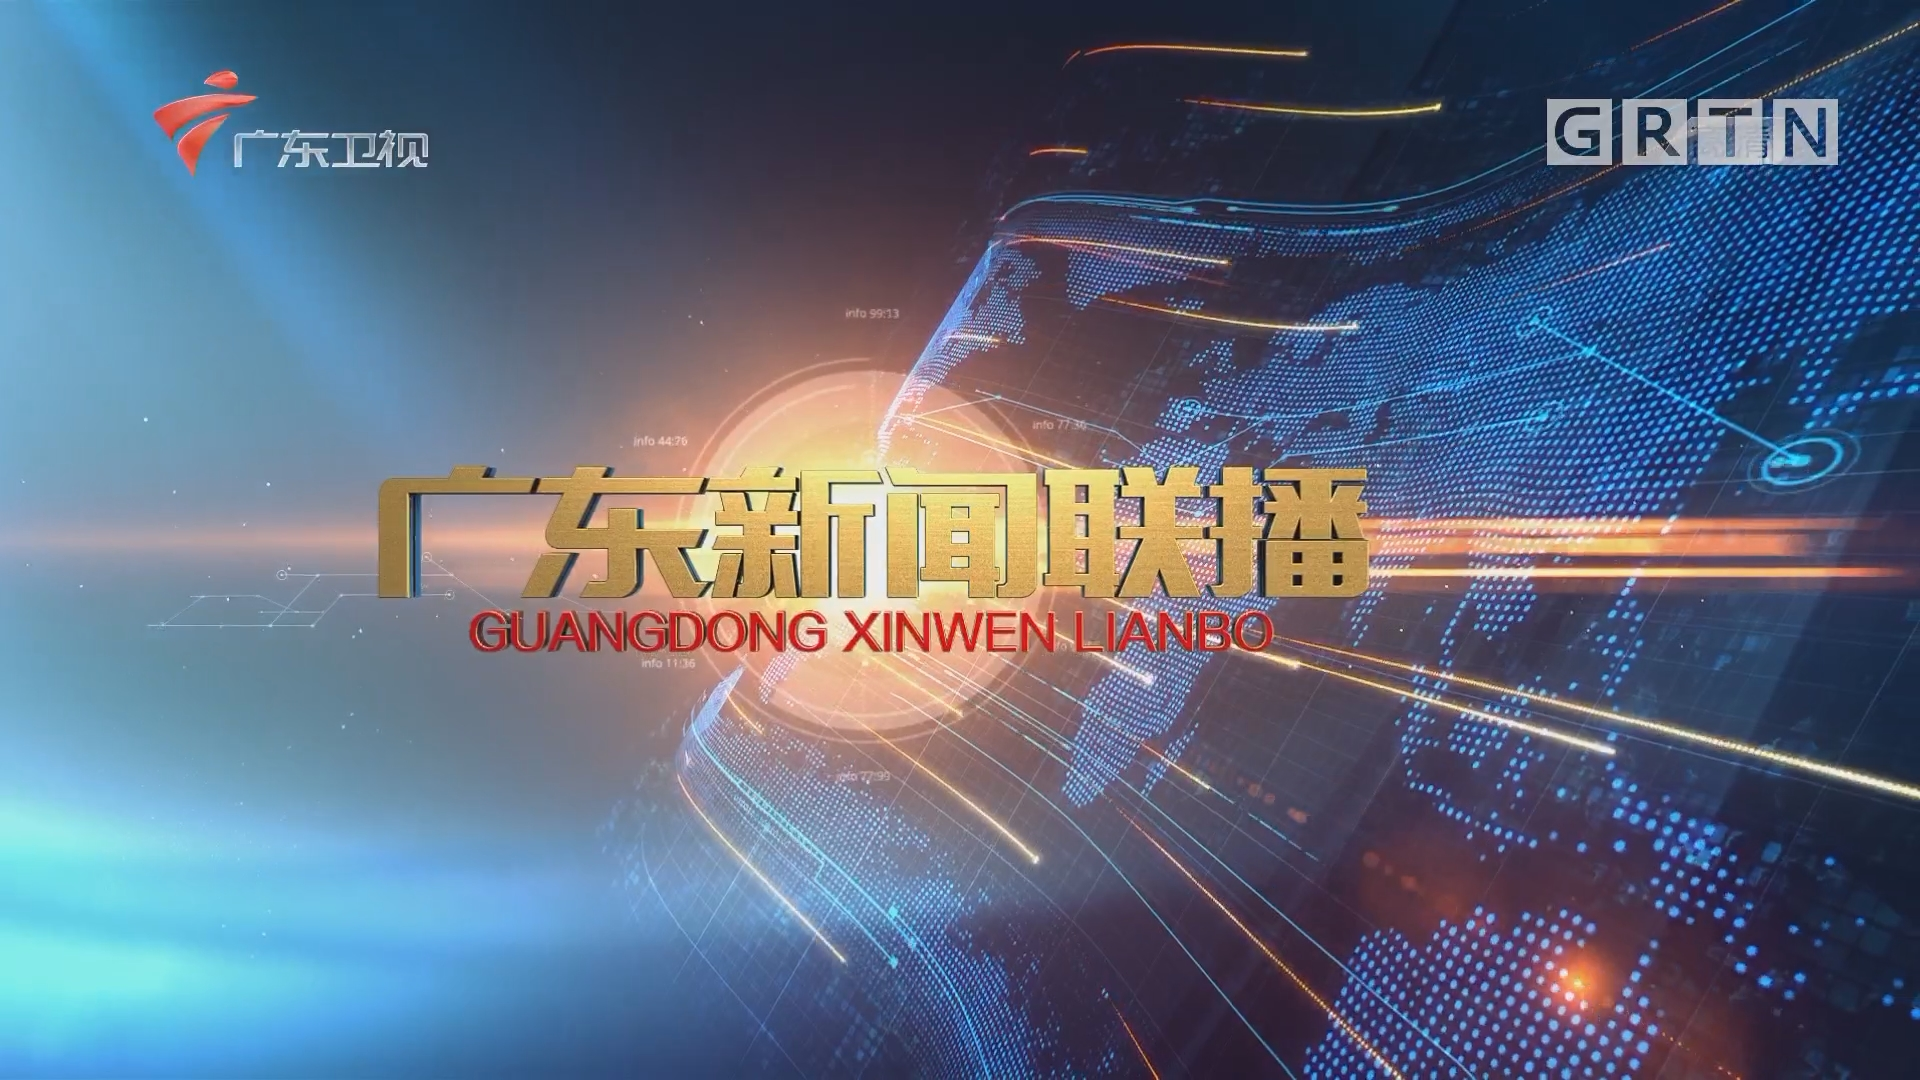 [HD][2018-03-11]广东新闻联播:十三届全国人大一次会议举行第三次全体会议